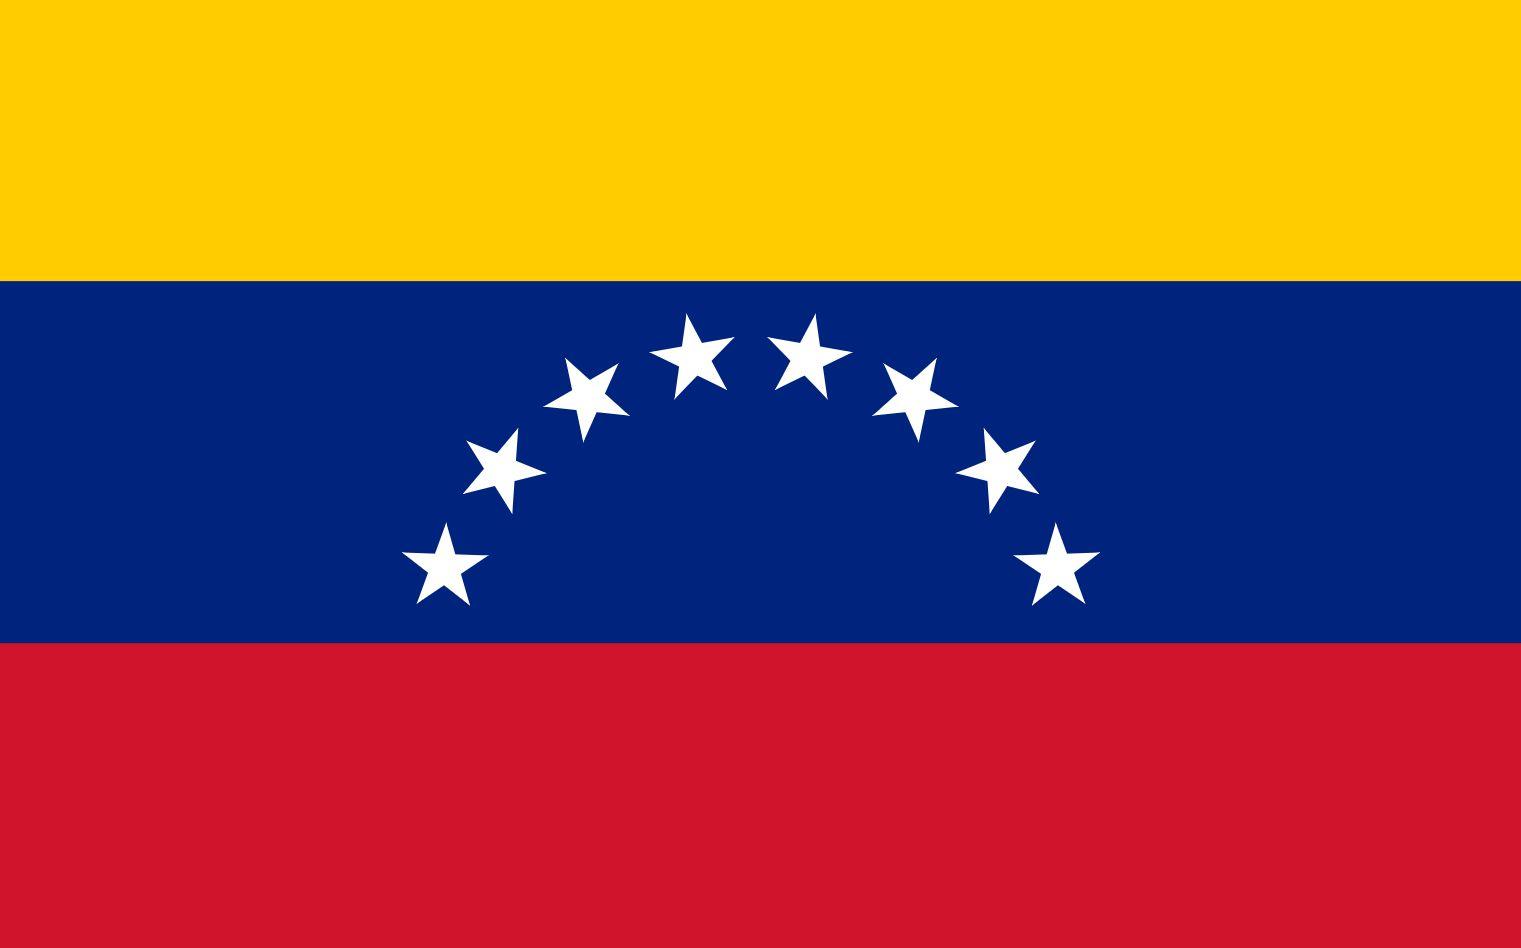 CLC Venezuela: An update